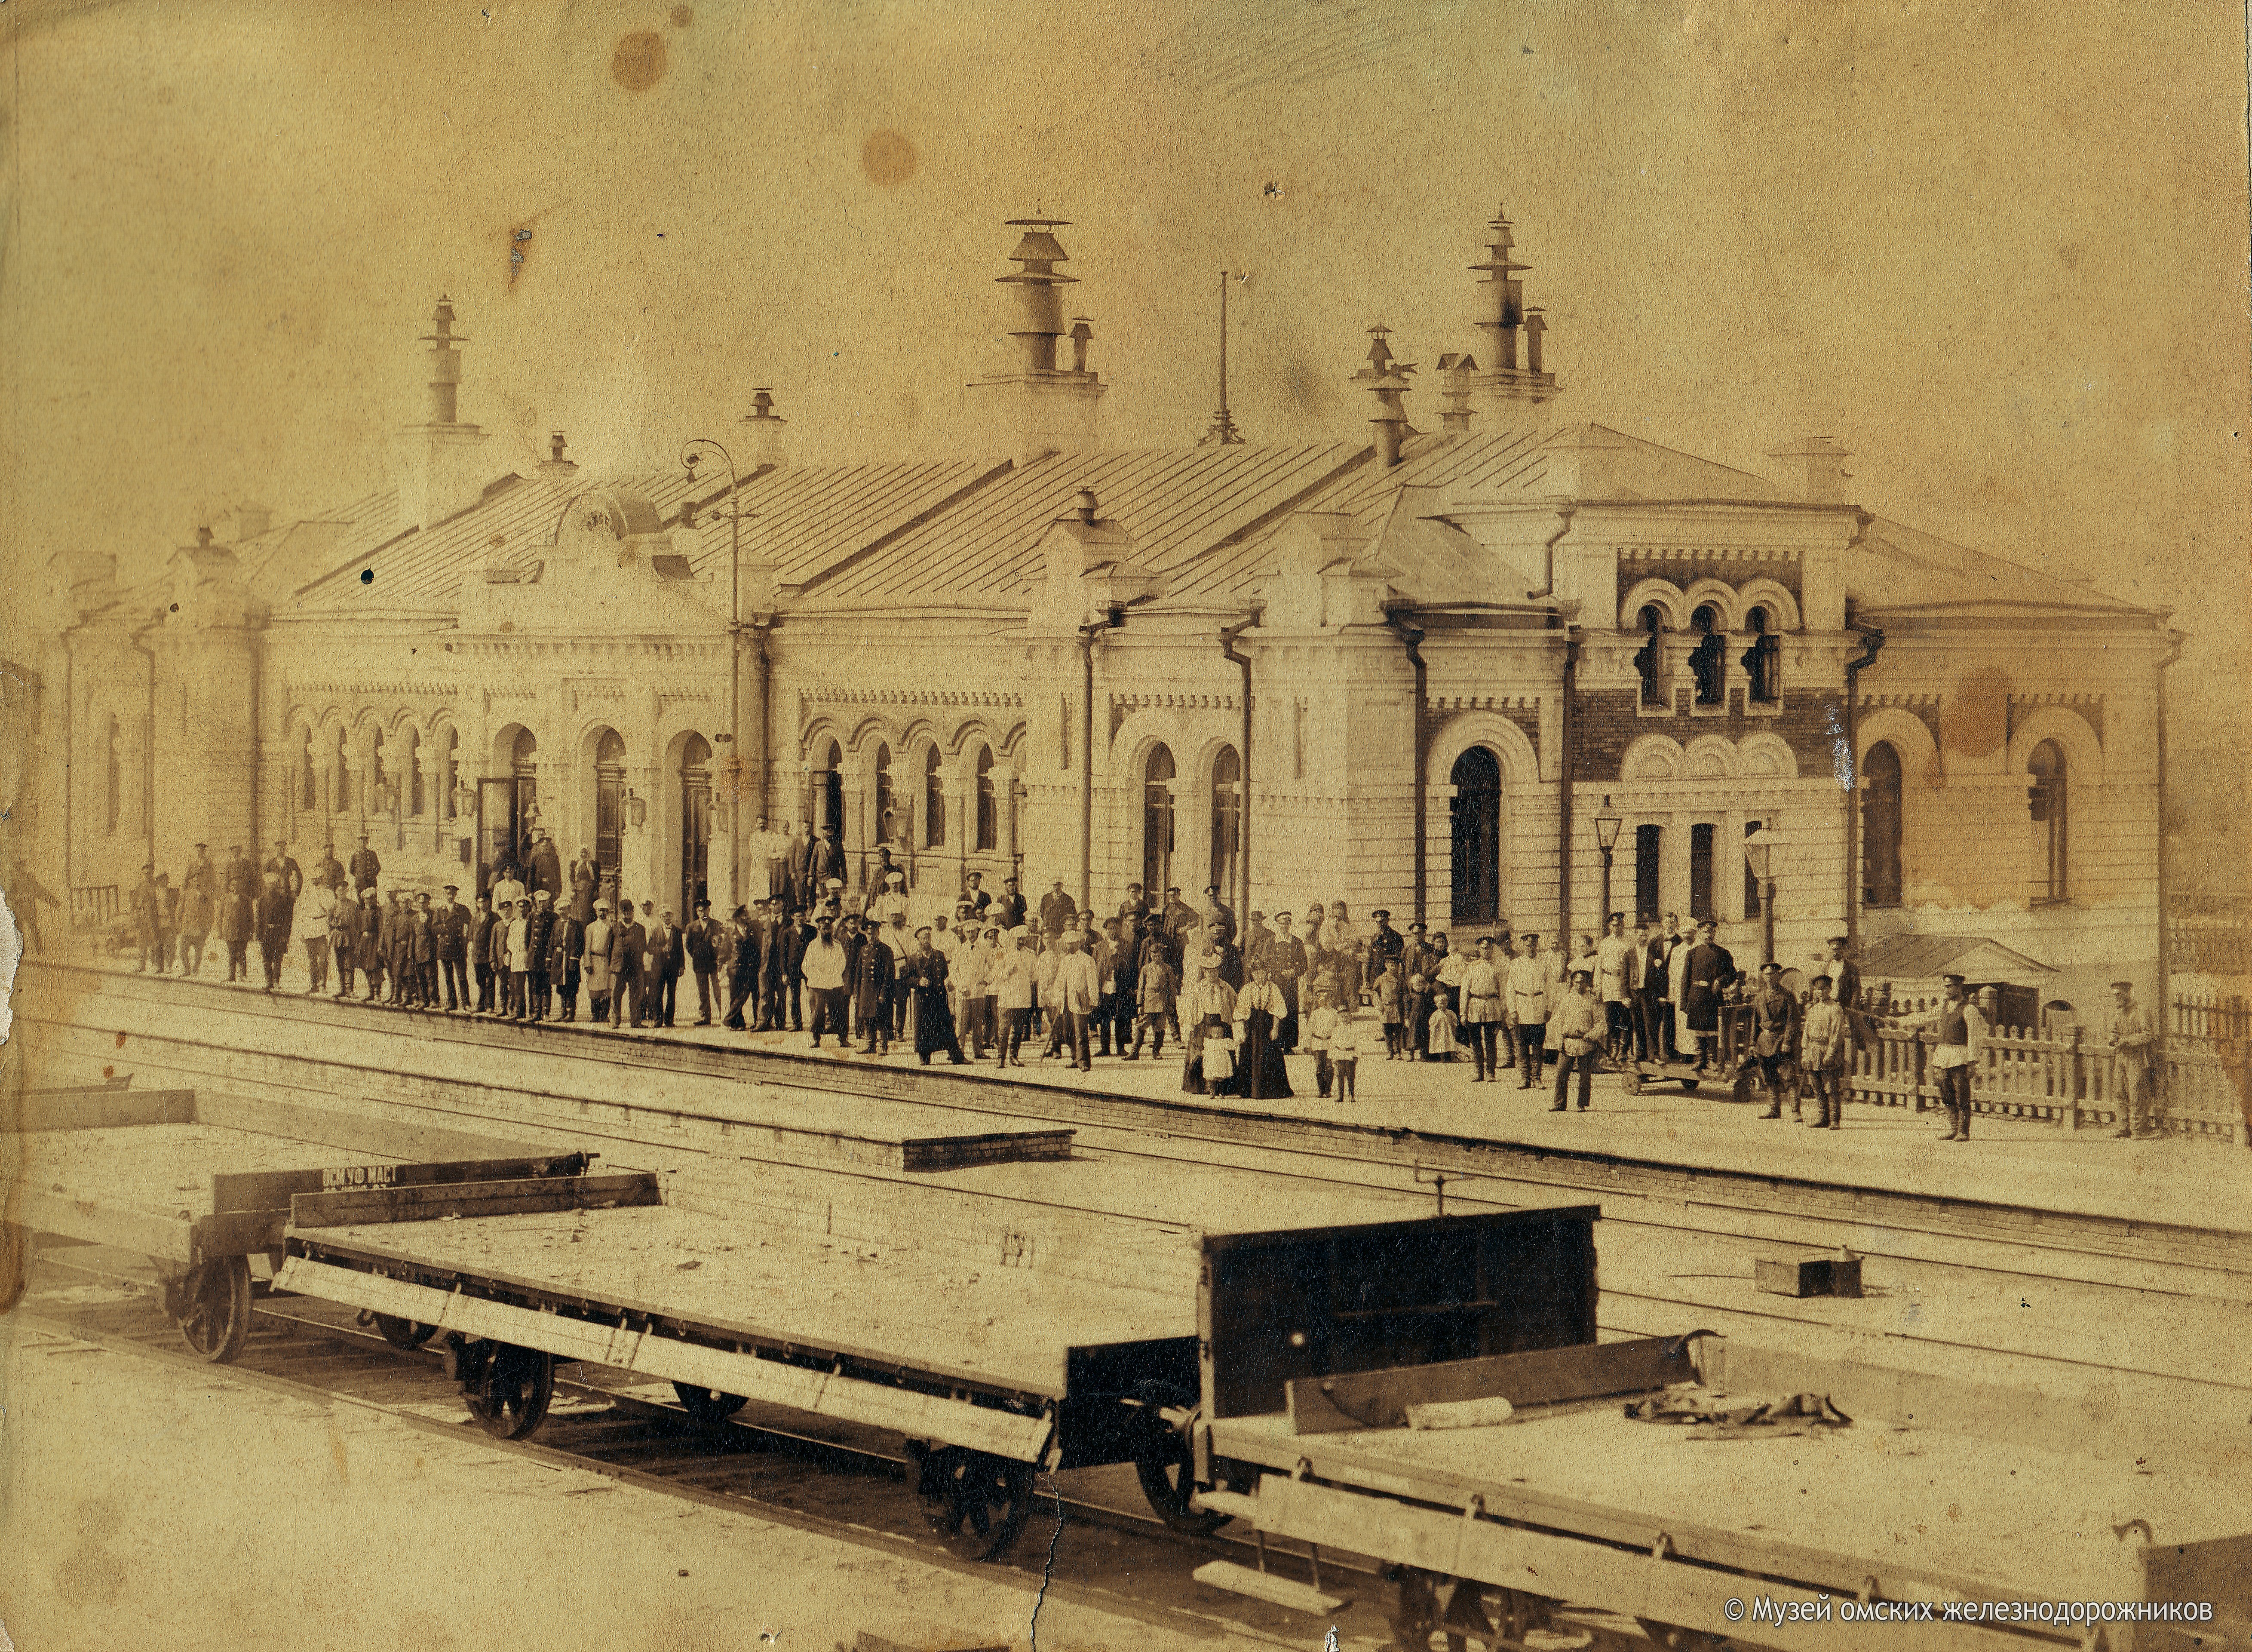 1901. Первый железнодорожный вокзал станции Омск до реконструкции